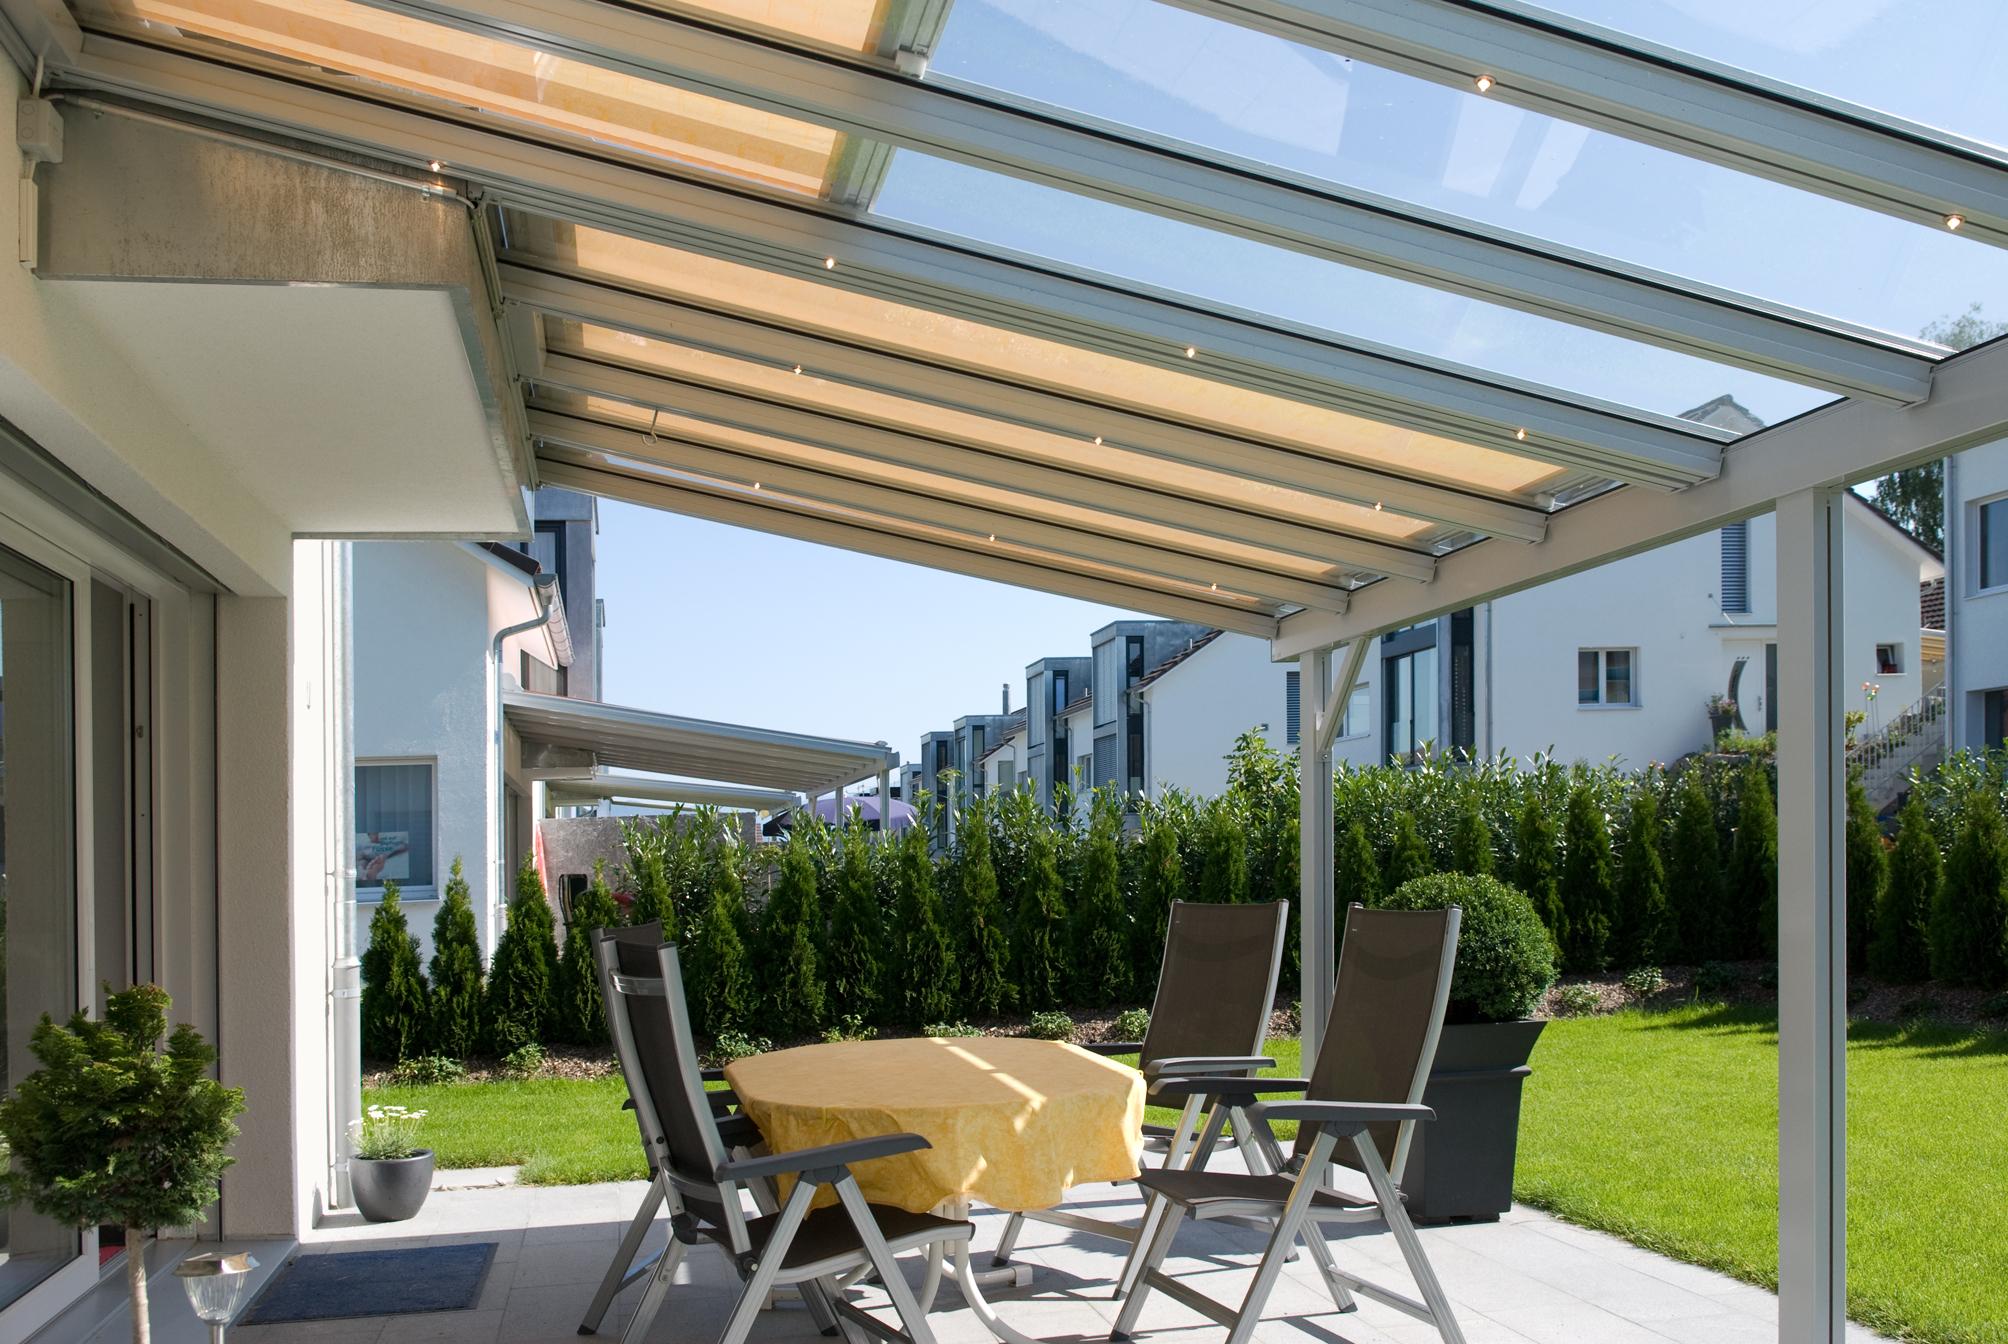 Откидные крыши для балкона. - наши работы - каталог статей -.